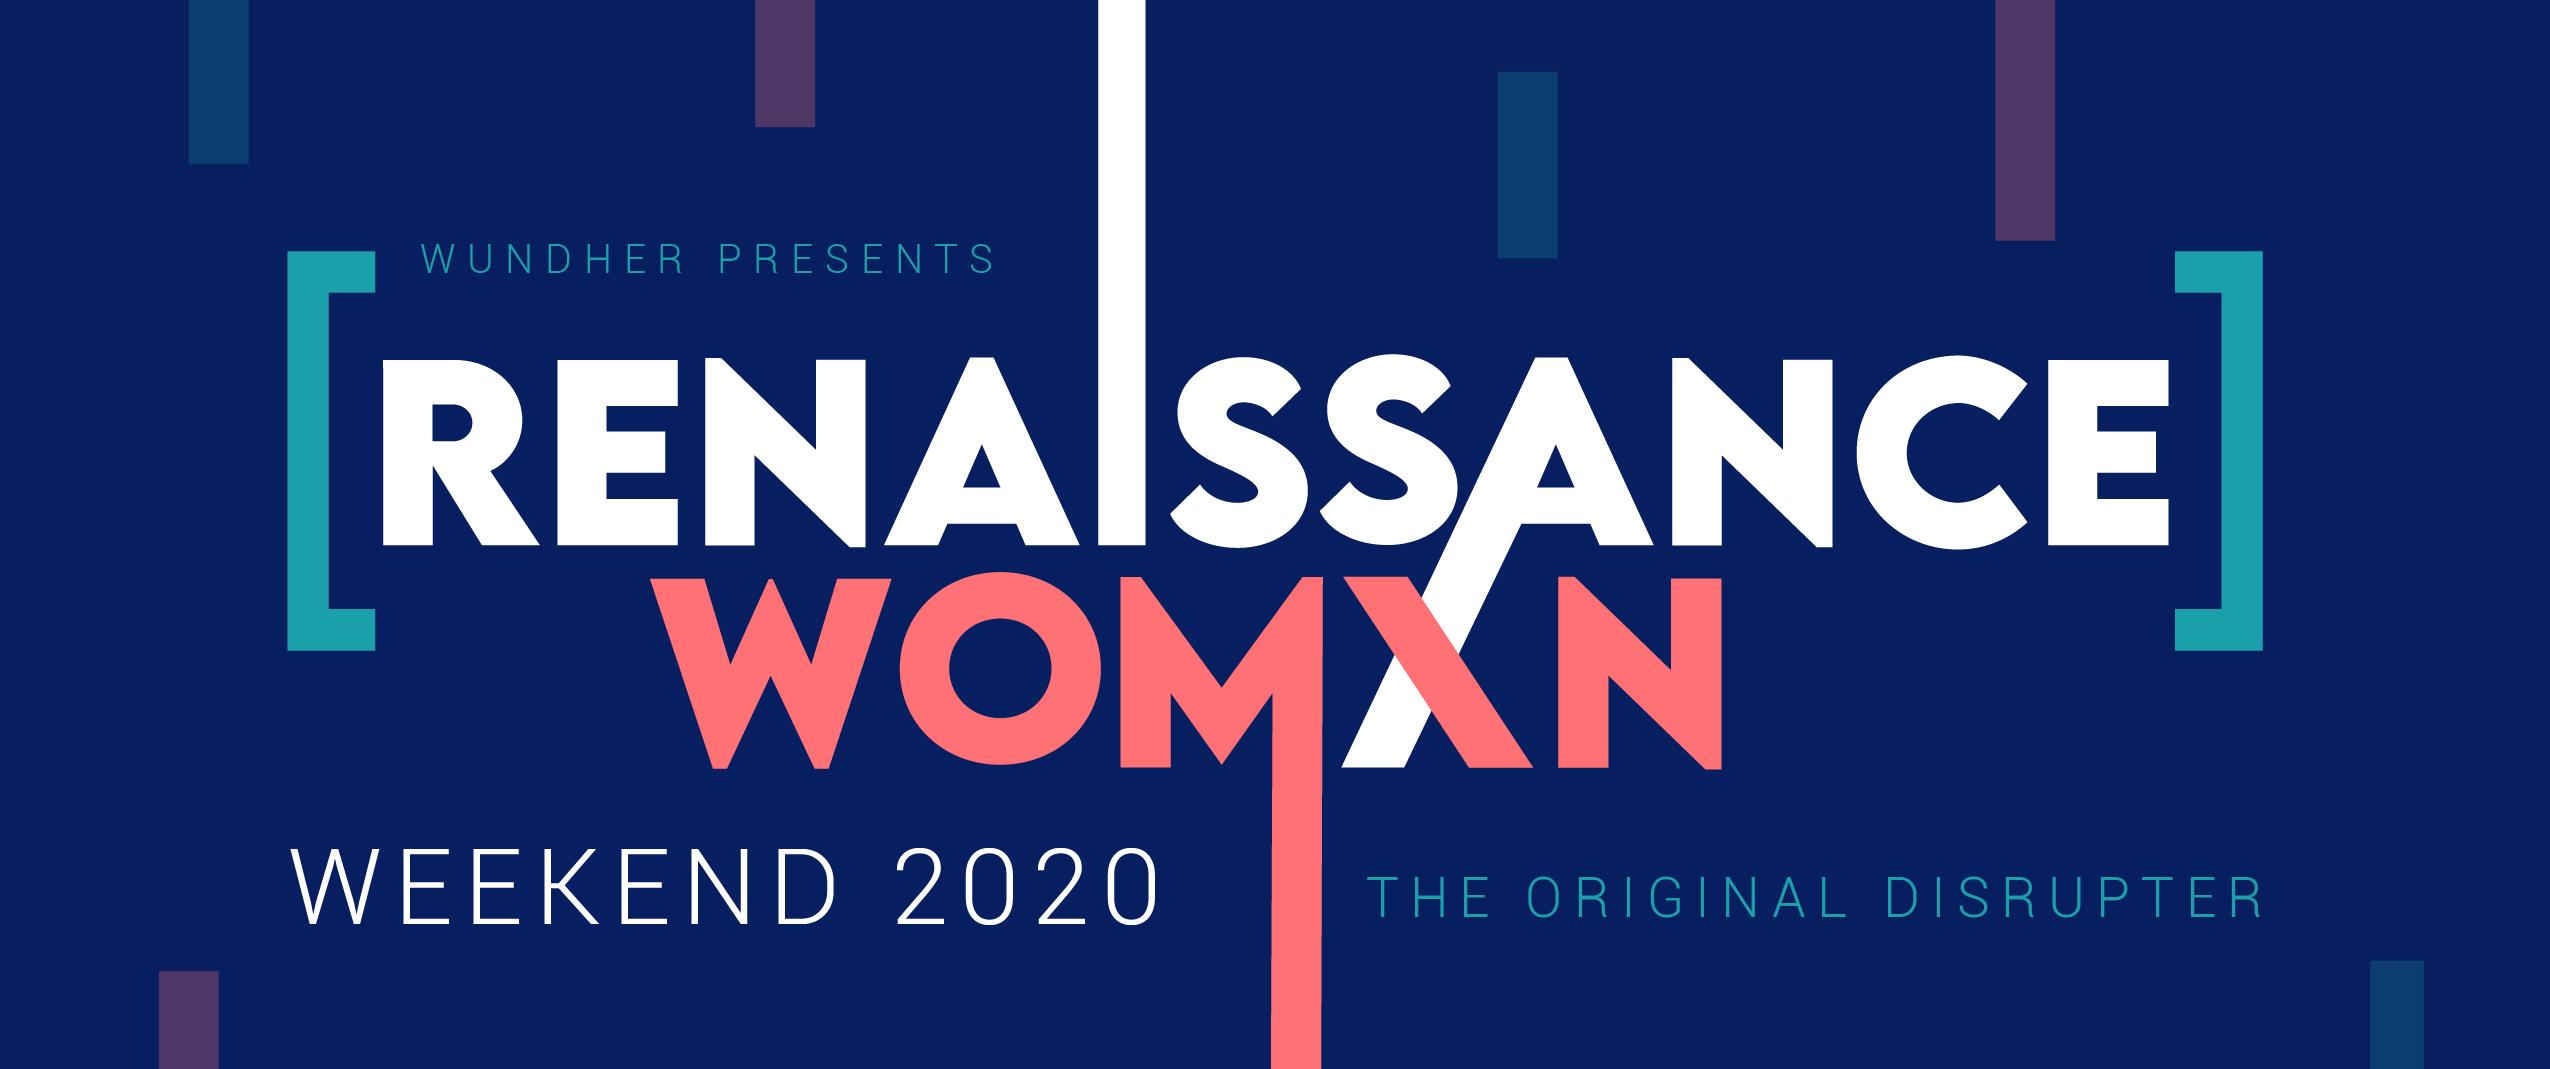 2020 Renaissance Womxn Weekend